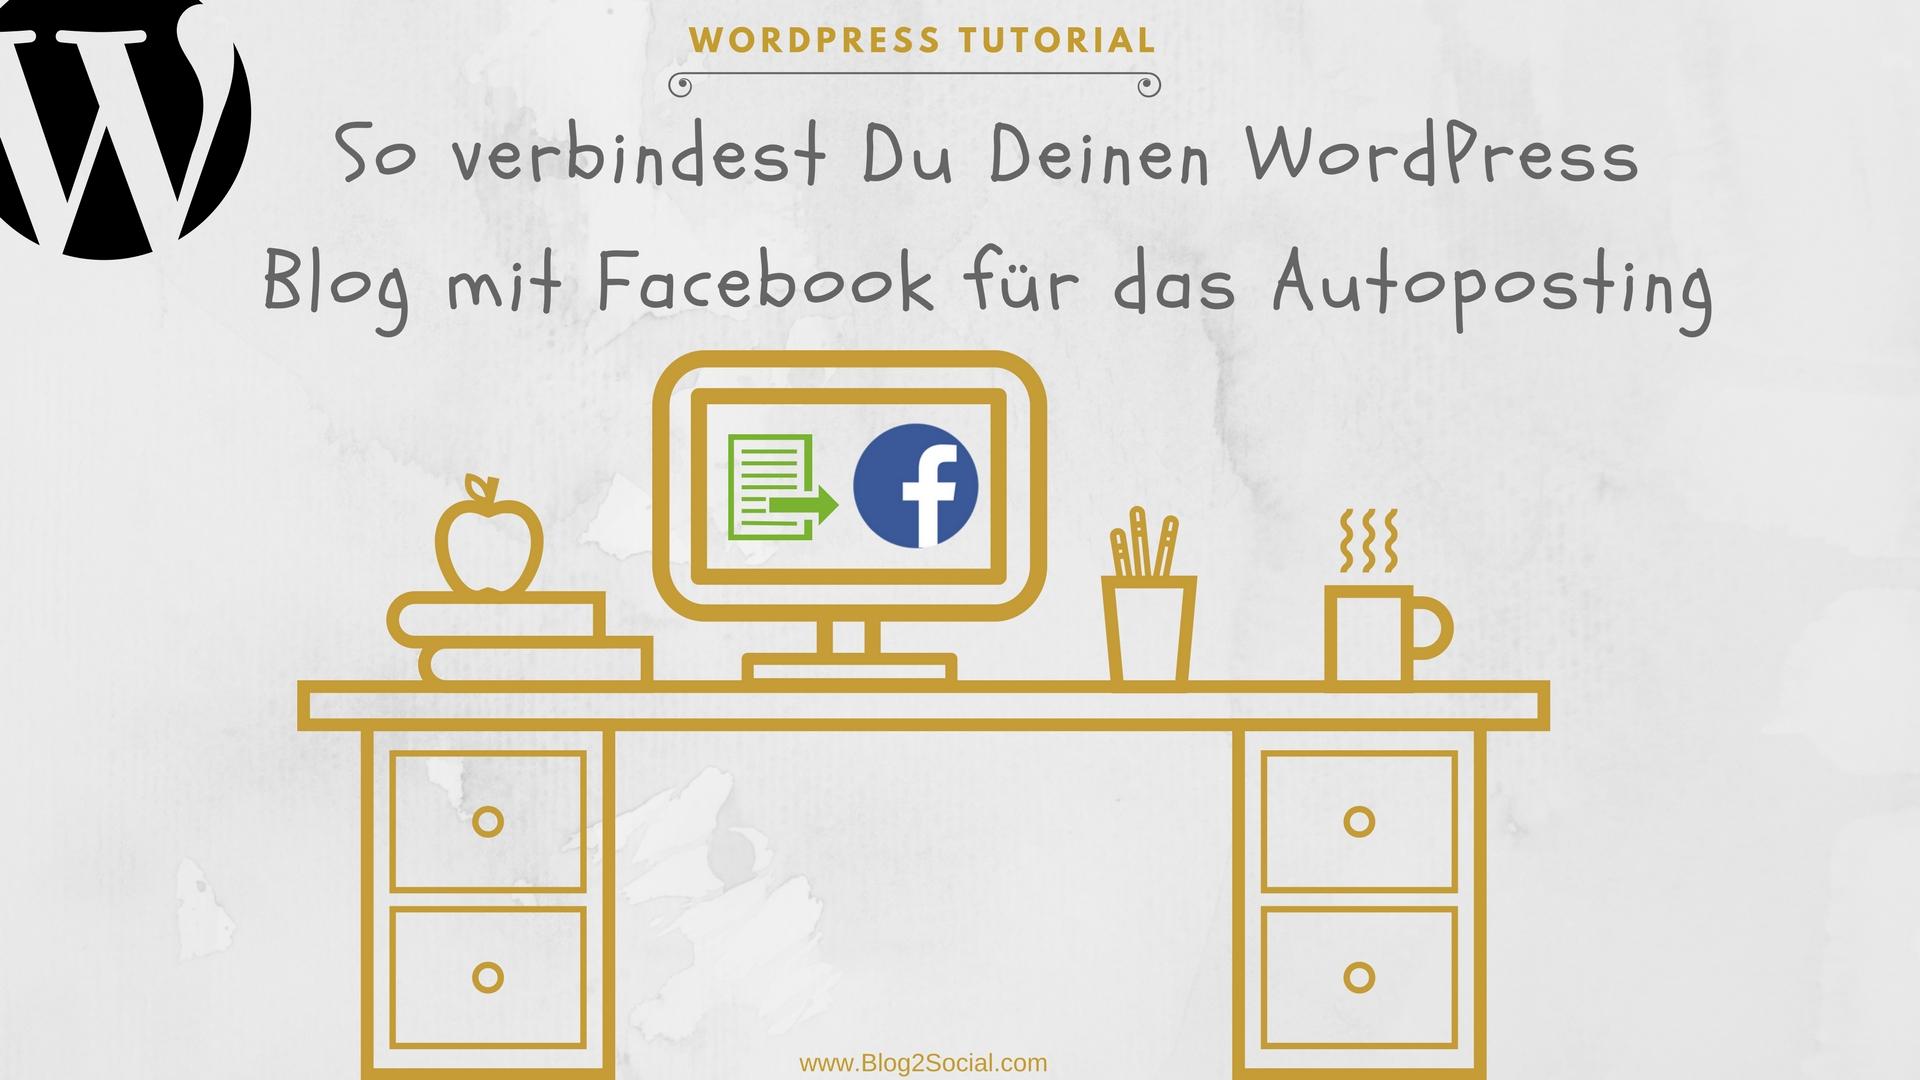 So verbindest Du Deinen WordPress Blog mit Facebook für das Autoposting